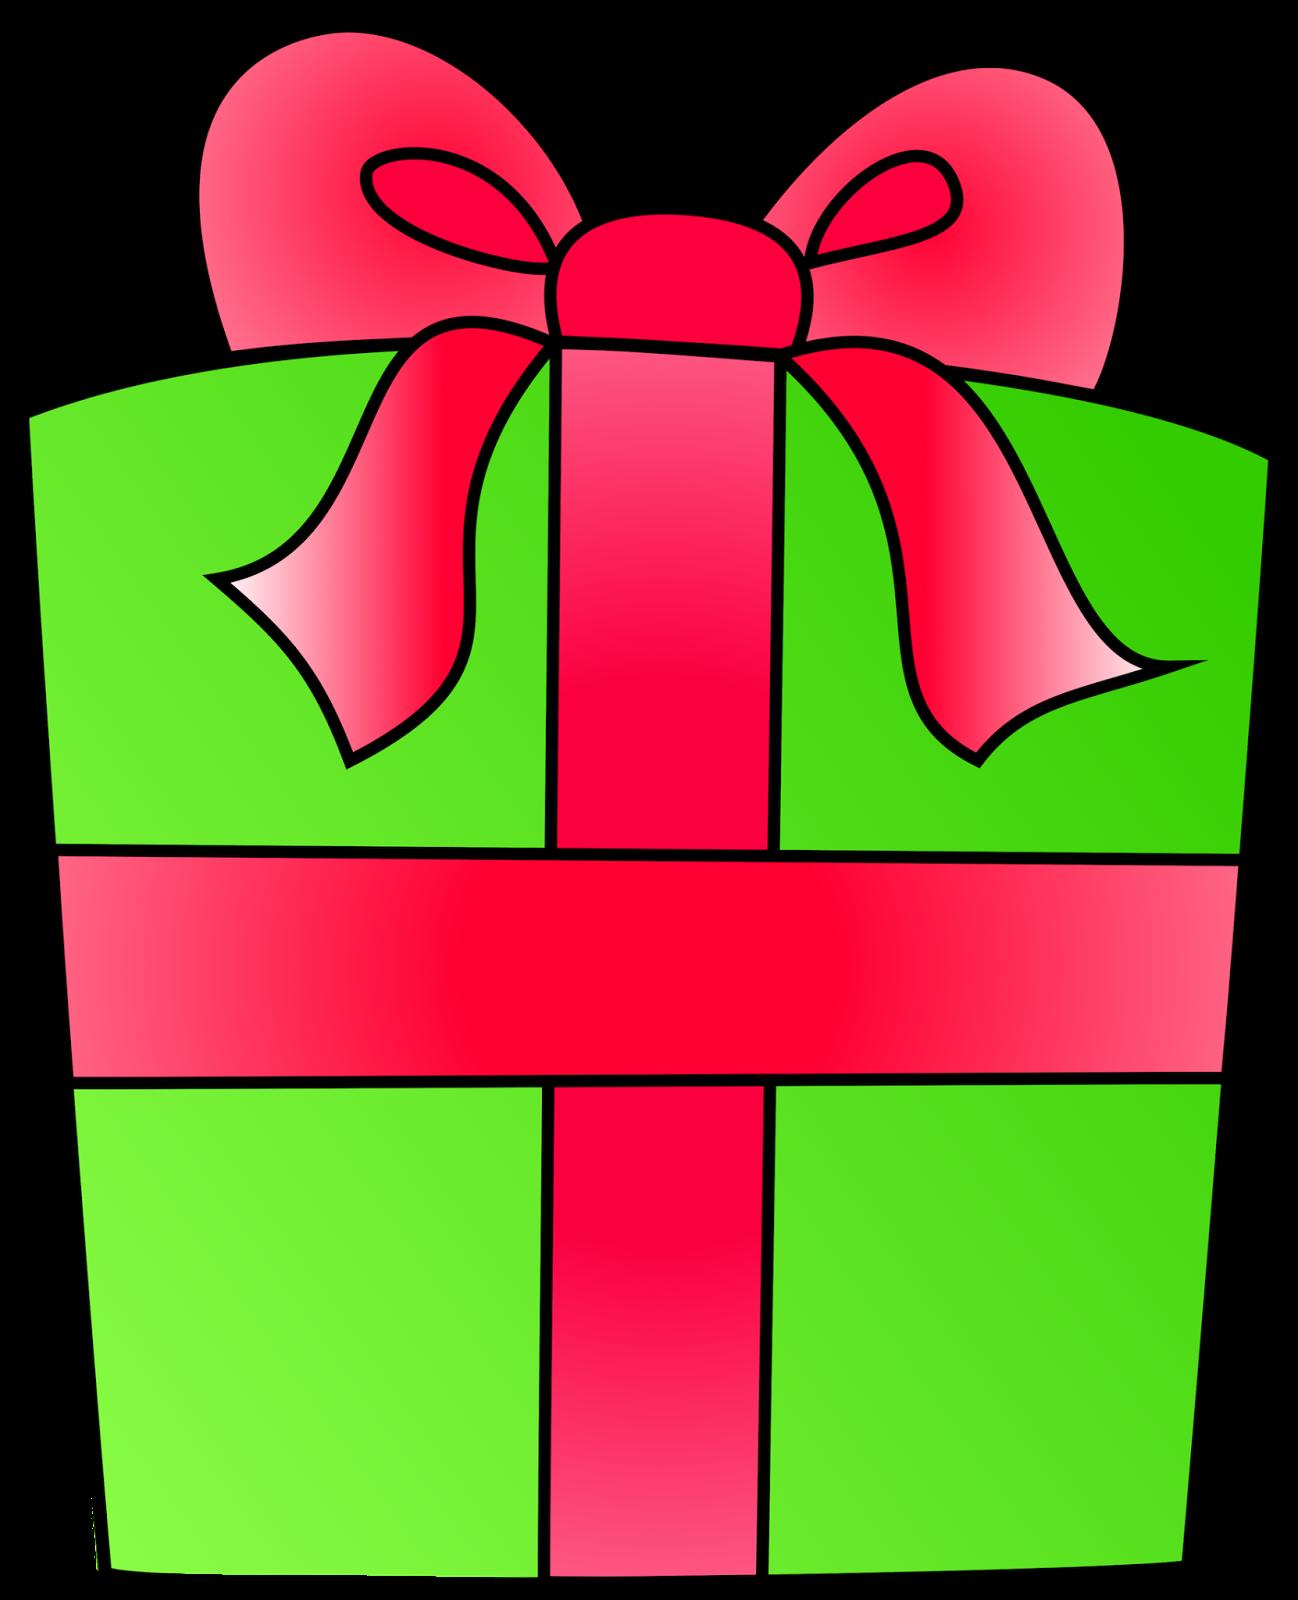 Presents Clip Art Images Free